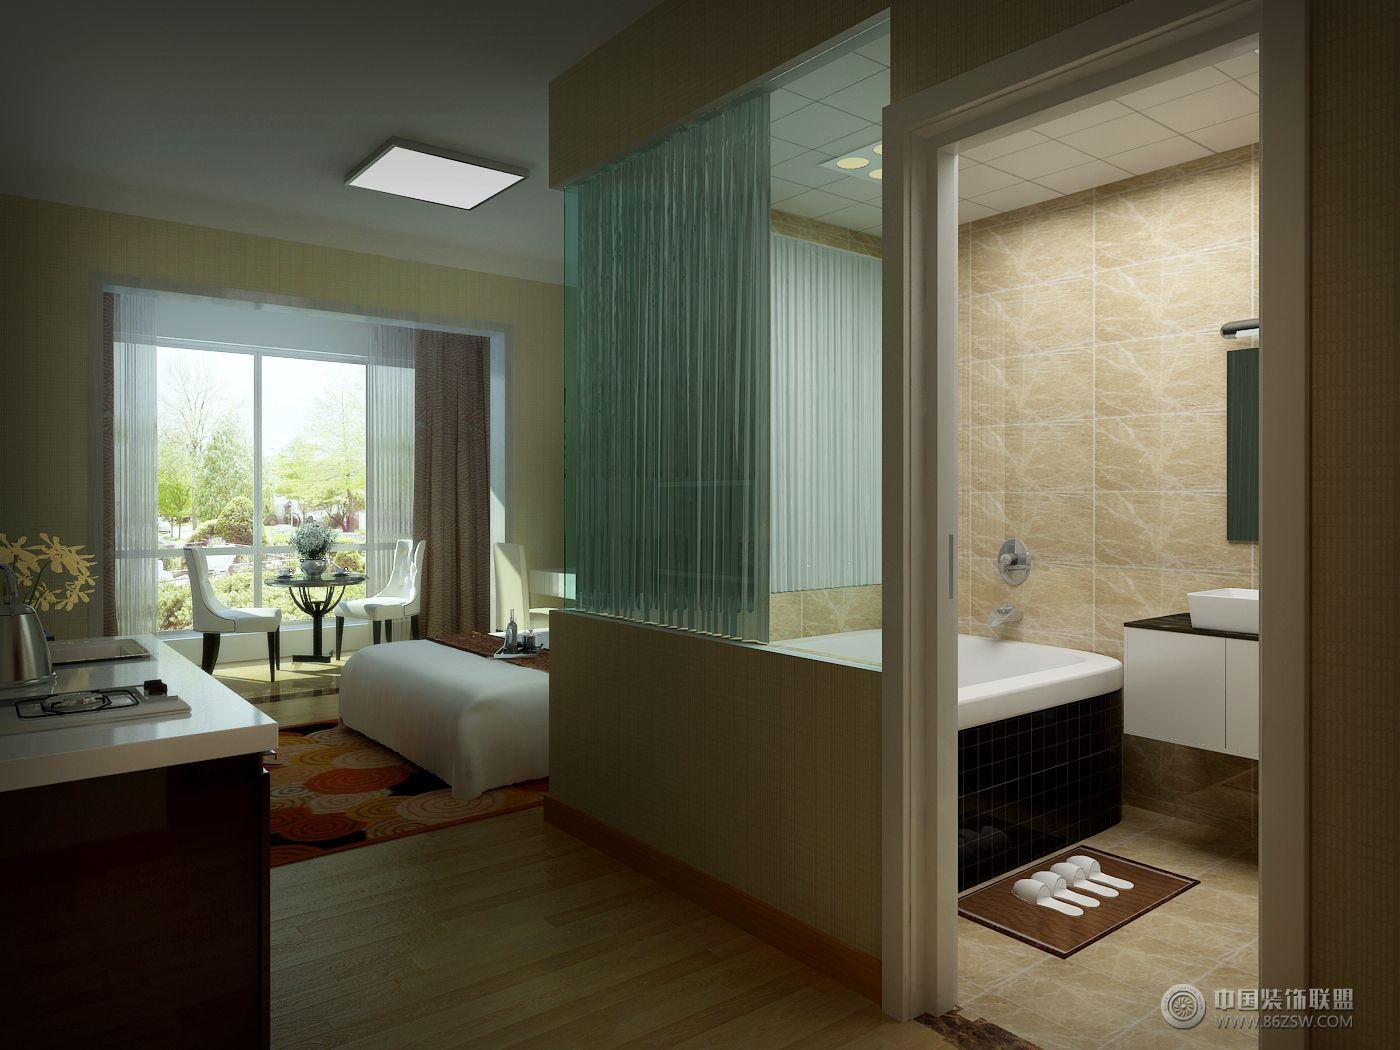 酒店式公寓01整套大图展示_简约公寓装修效果图_八六图片